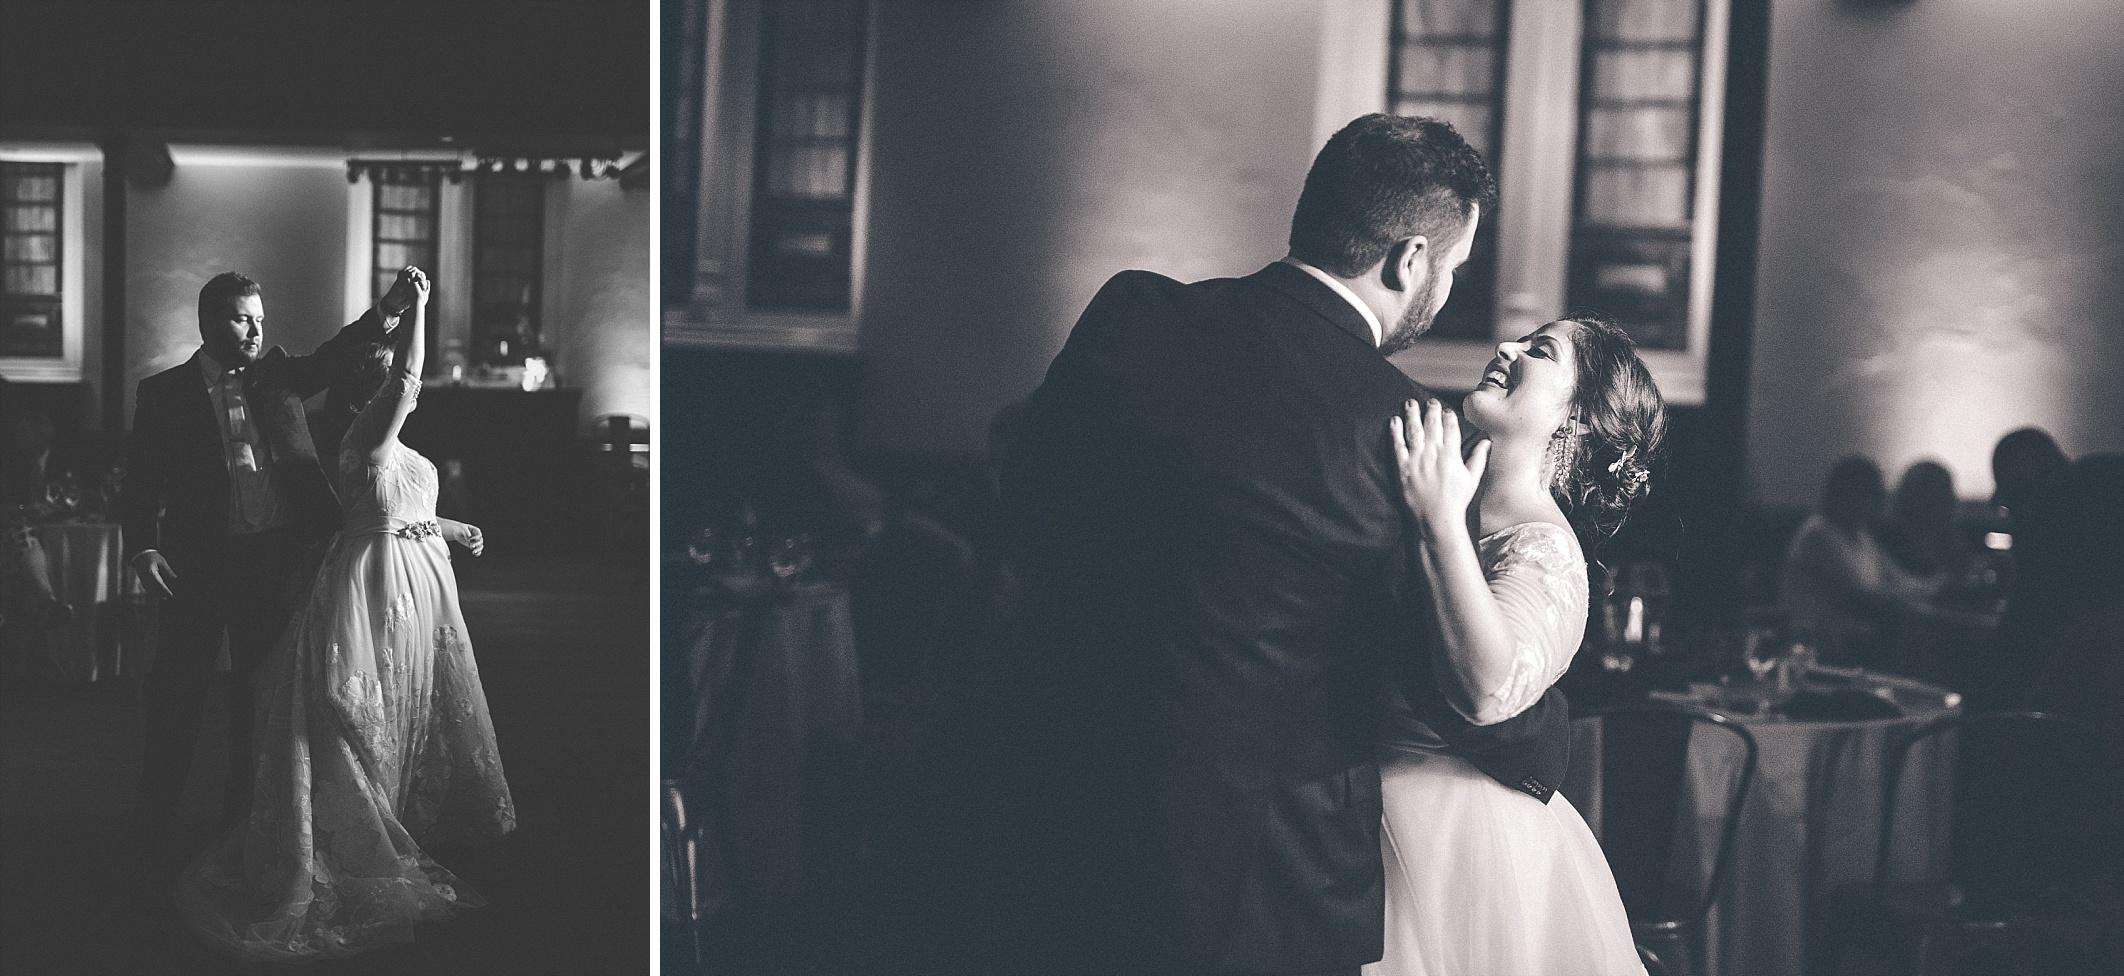 hilary-aaron-cincinnati-trancept-wedding-photographer-dayton-ohio_0054.jpg